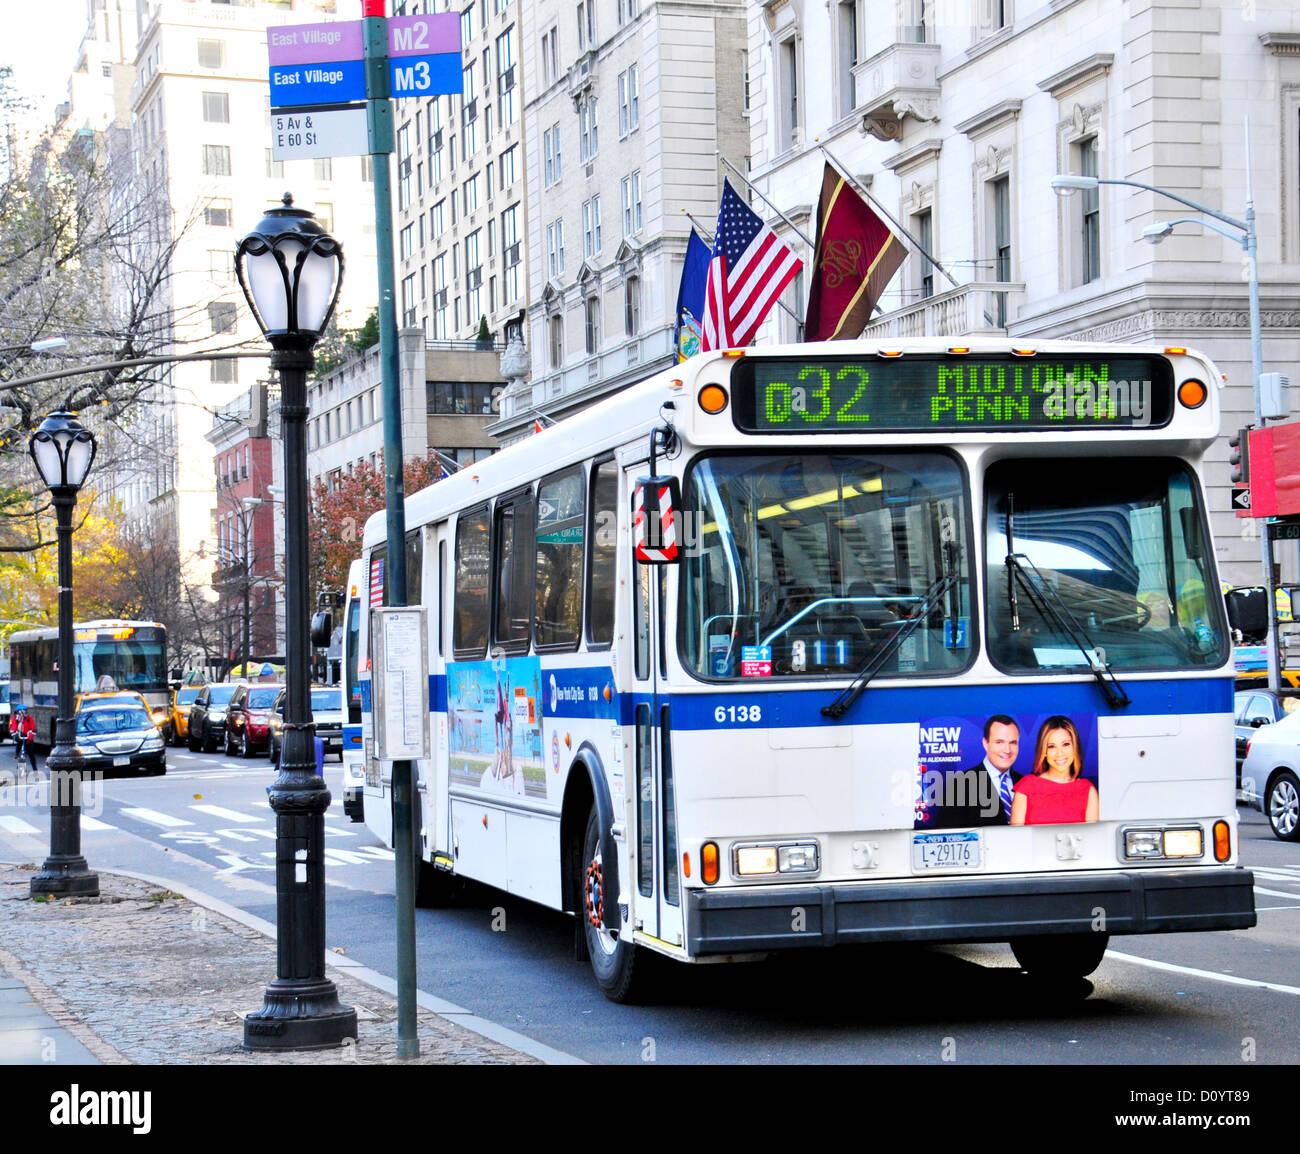 Q Bus Stock Photos & Q Bus Stock Images - Alamy Q Bus Map on q84 bus map, q31 bus map, queens bus map, m3 bus map, q55 bus map, q112 bus map, q17 bus map, q83 bus map, q12 bus map, q44 bus map, q23 bus map, m1 bus map, q30 bus map, q102 bus map, q76 bus map, q20 bus map, m2 bus map, q104 bus map, q25 bus map, m21 bus map,